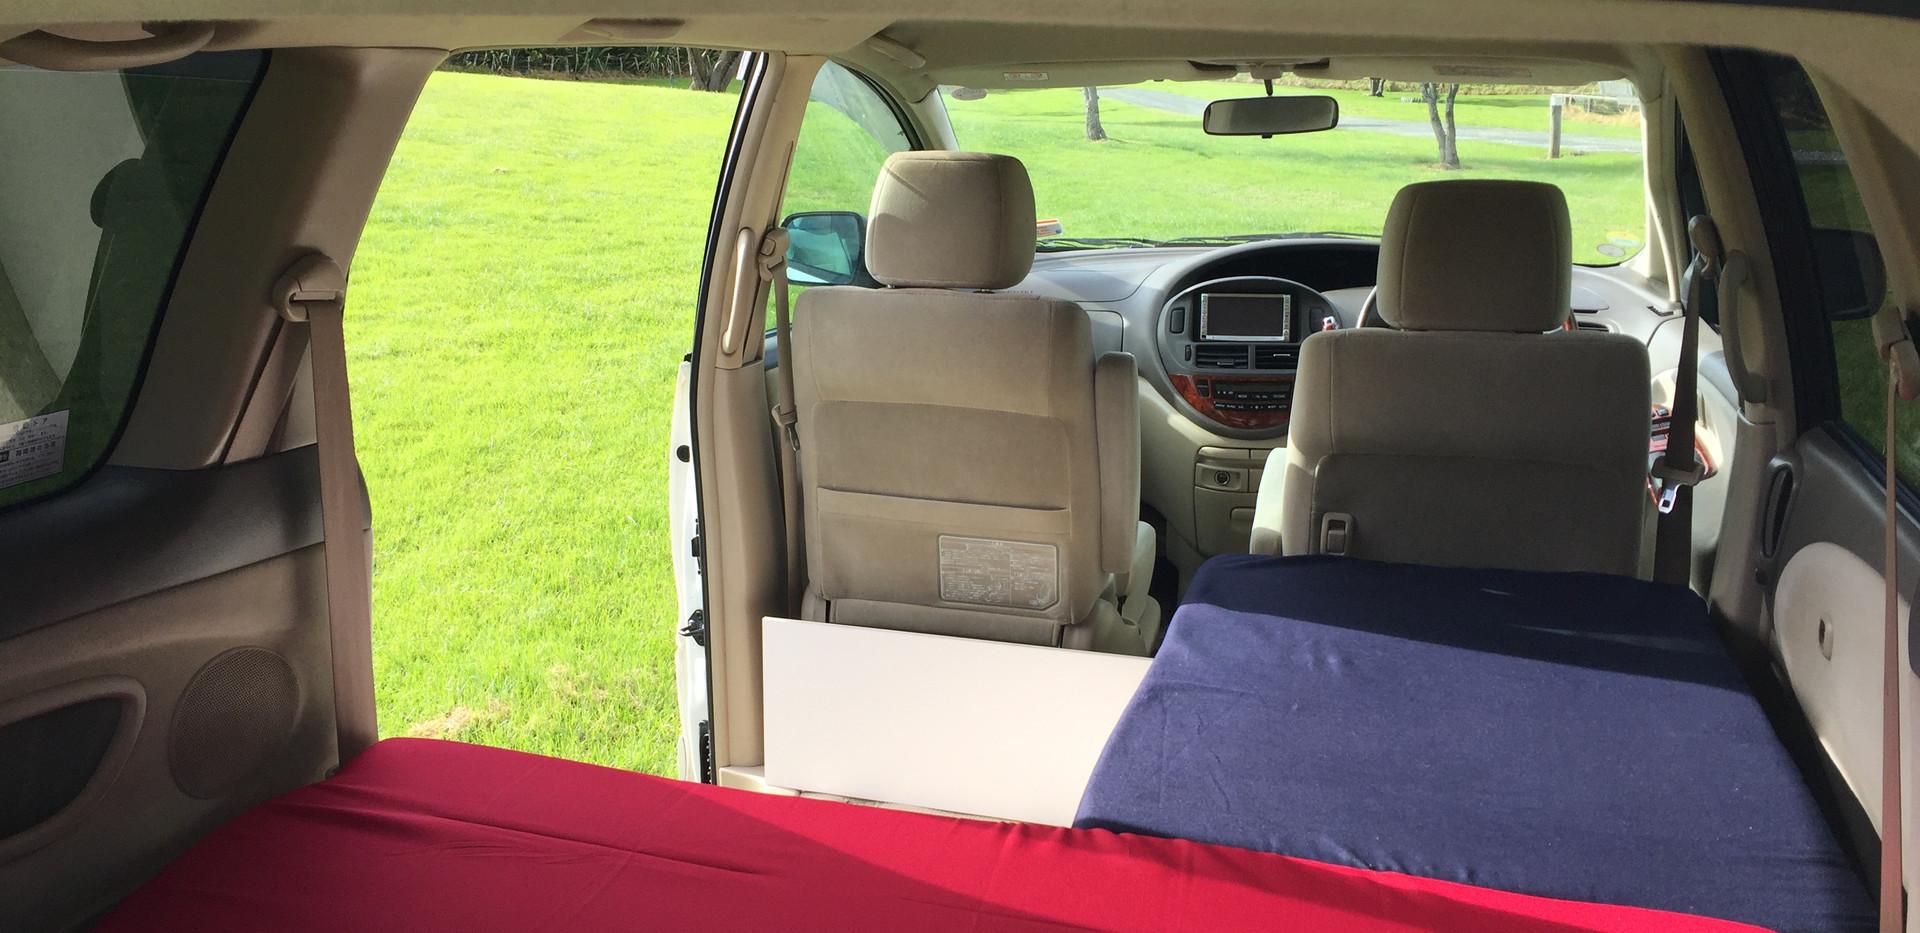 Inside campervan - day time